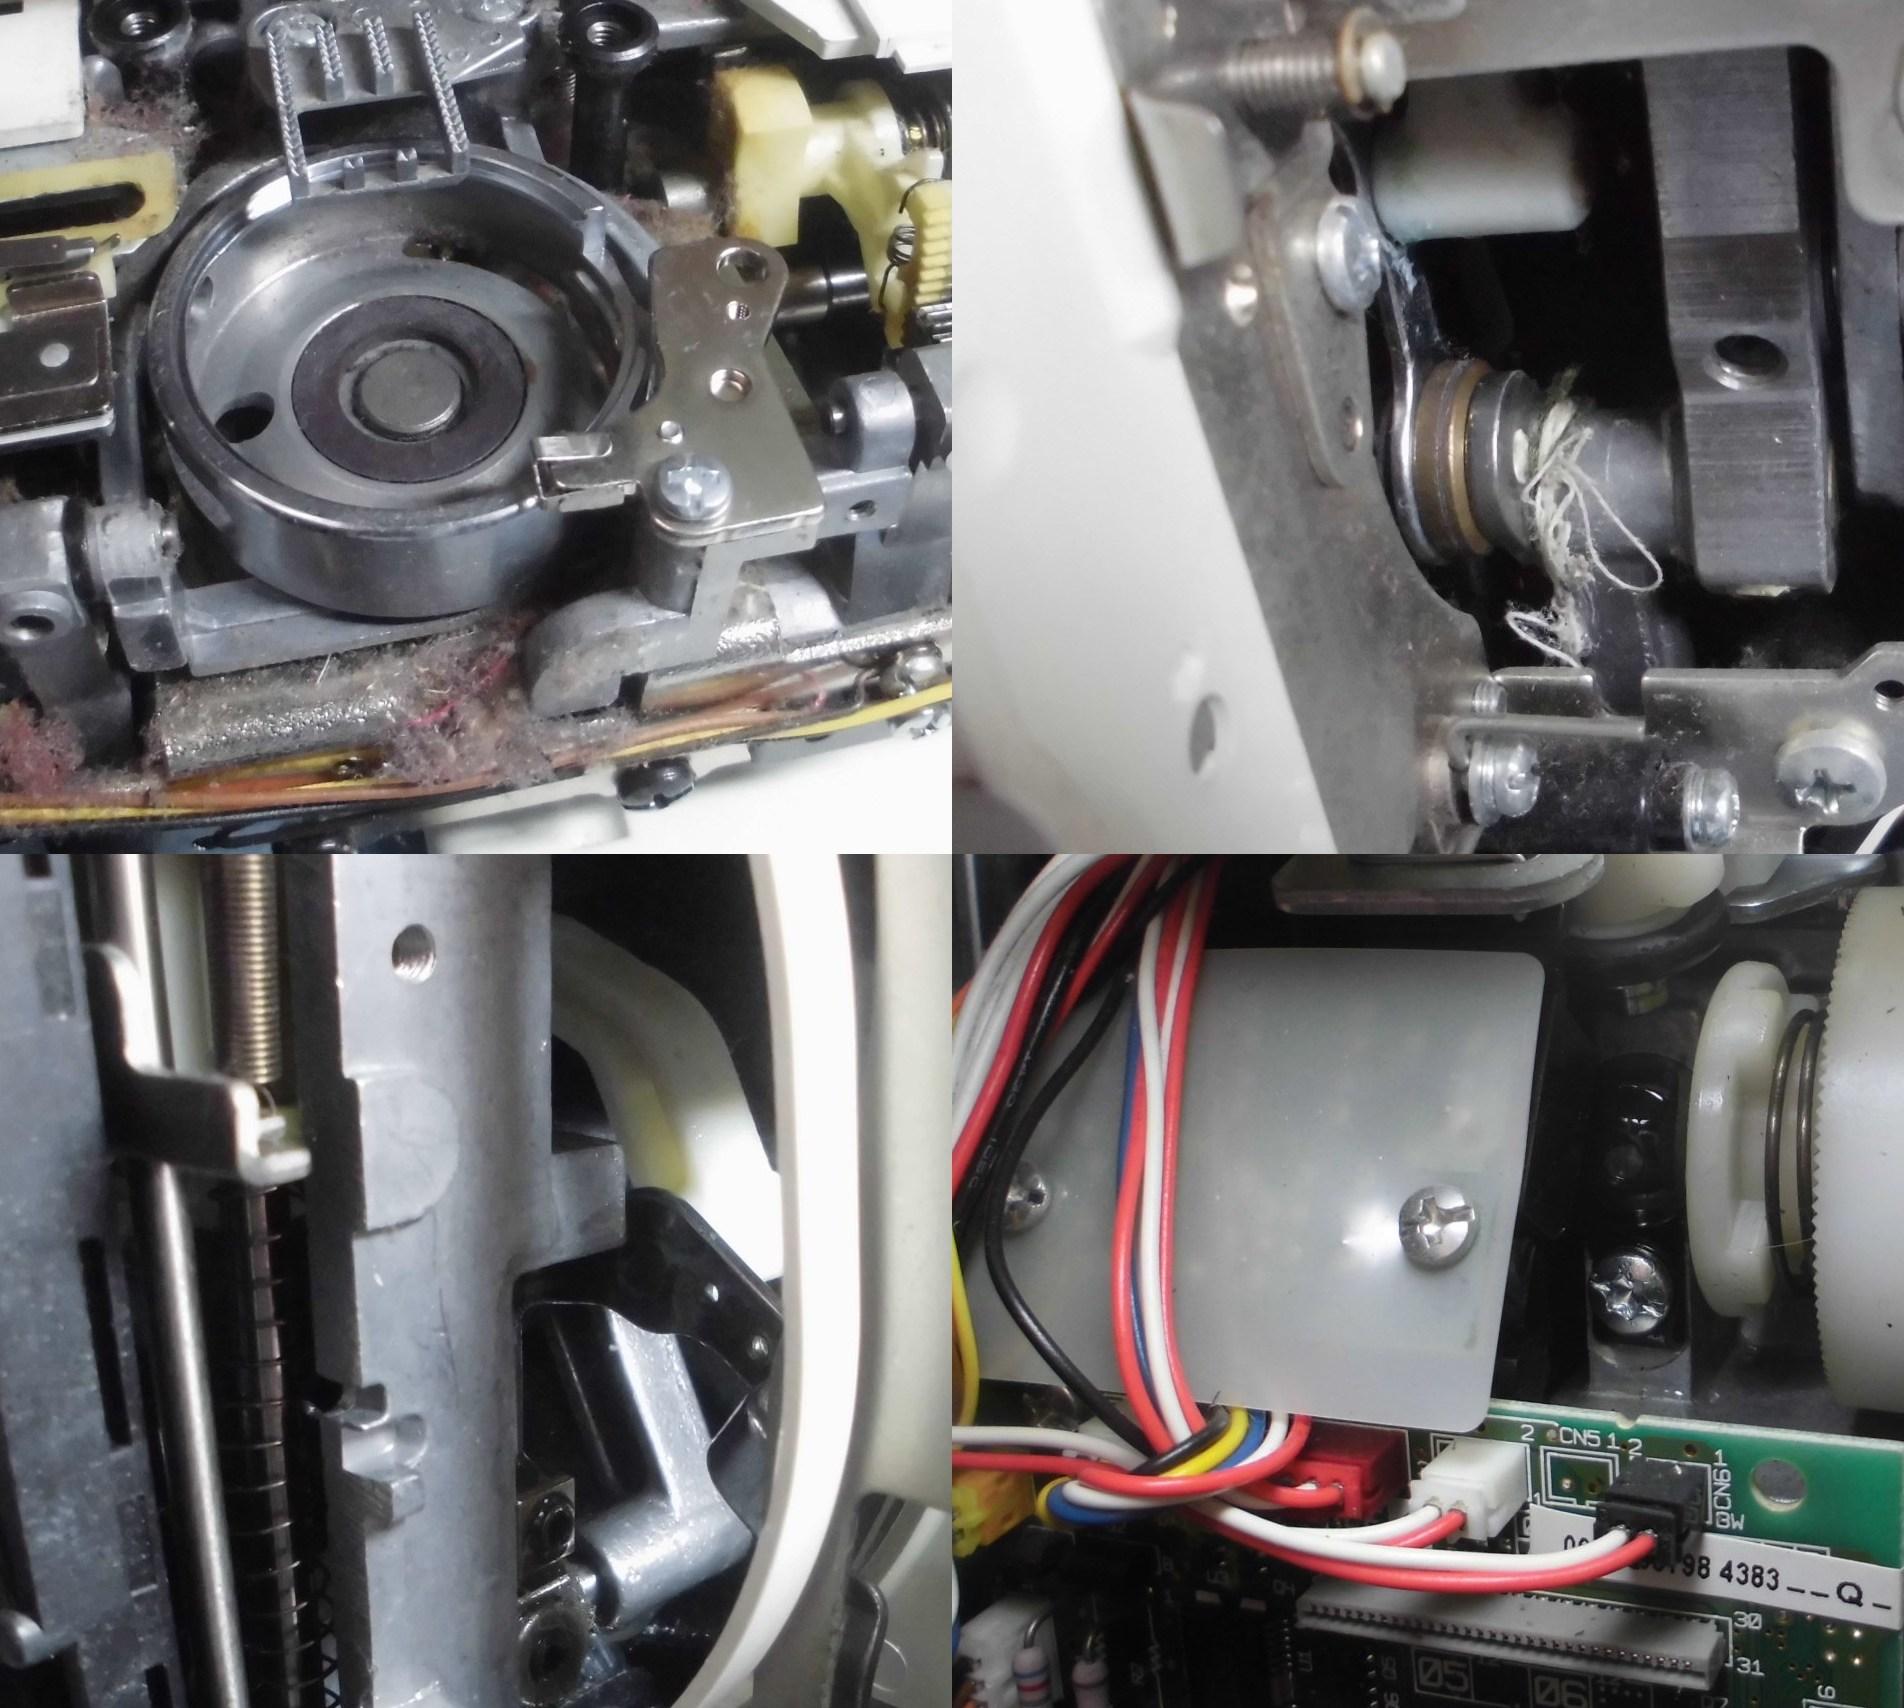 ブラザーミシンPC-8000の故障や不具合|動かない、縫えない、固着、エラー、糸調子不良